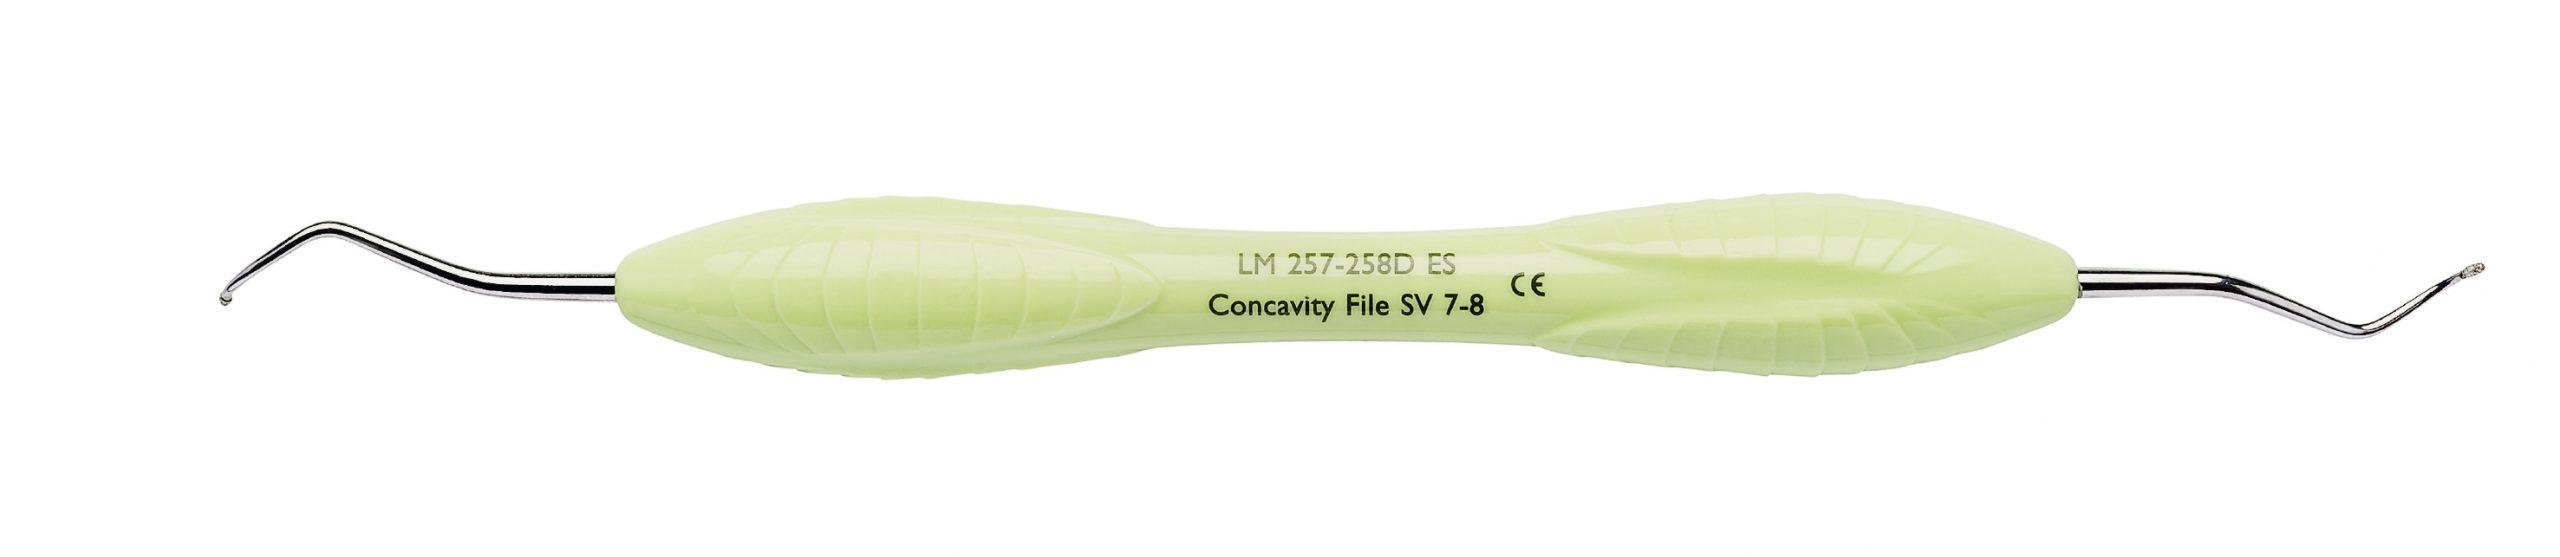 Concavity File SV 7-8 LM 257-258D ES-1